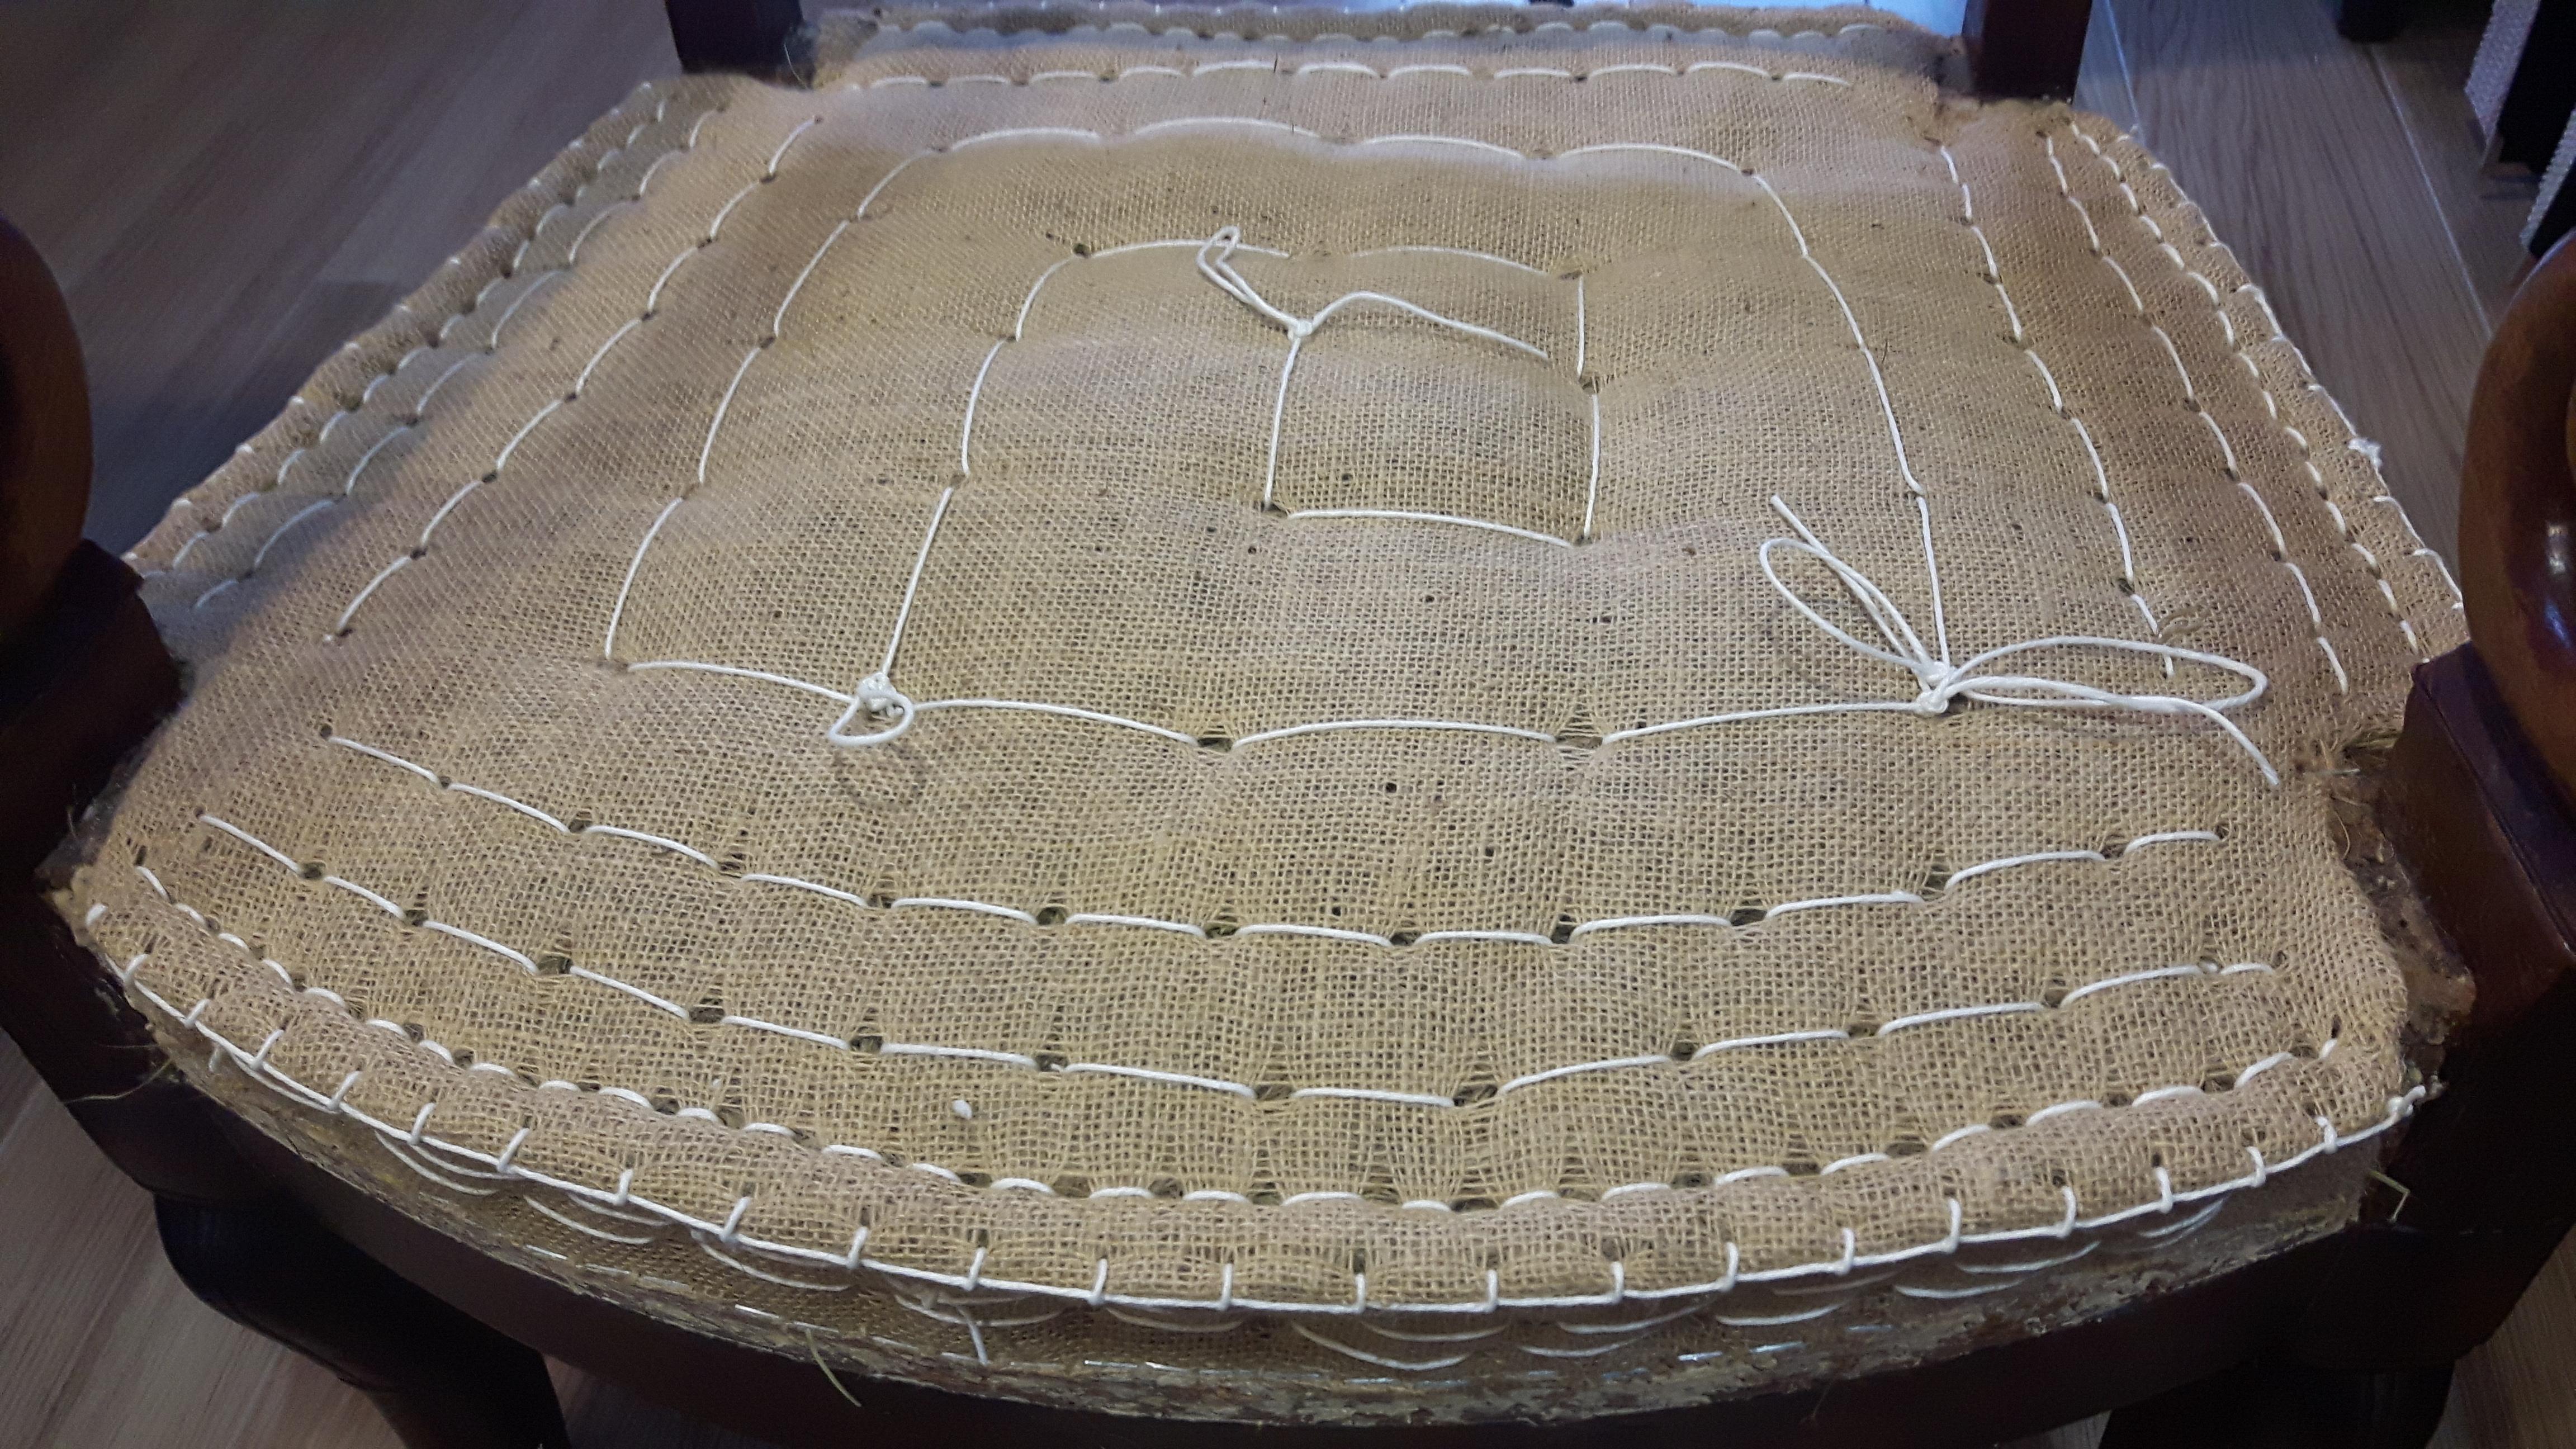 restauration fauteuil bordeaux la marquise tapissier d corateur cr ation d 39 abat jours. Black Bedroom Furniture Sets. Home Design Ideas